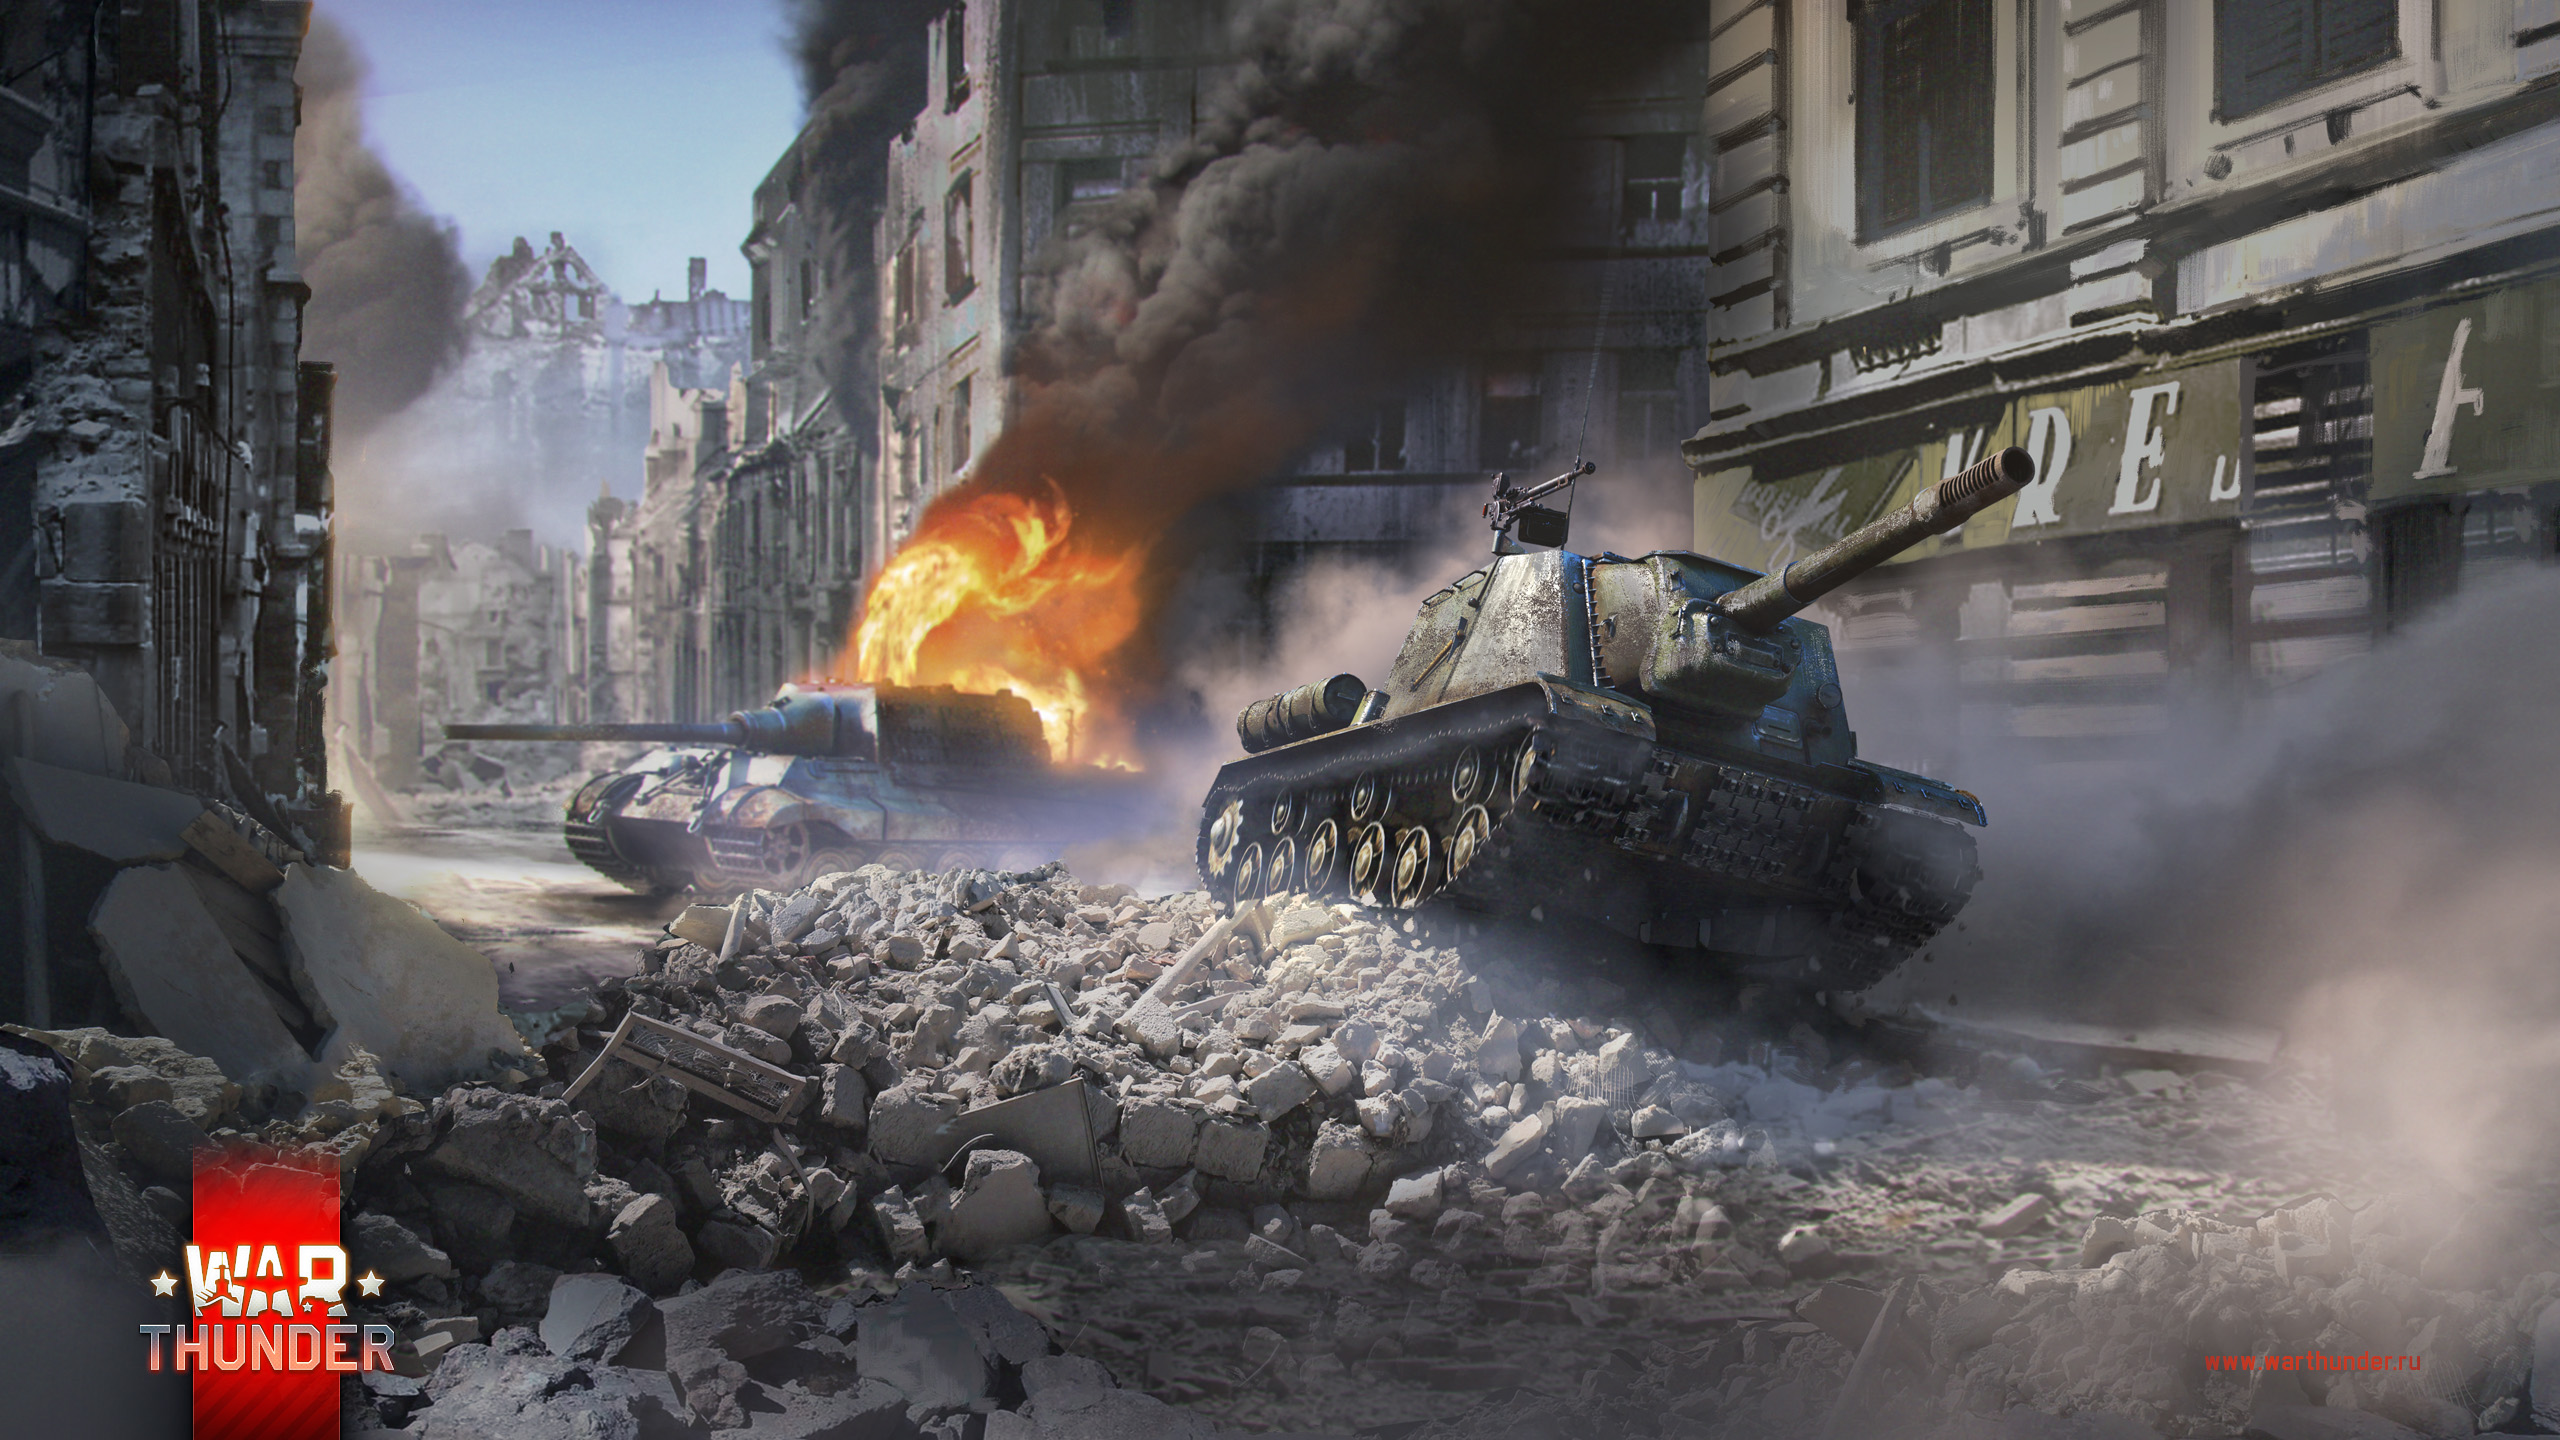 рисунок ИСУ-152 против Ягдтигра